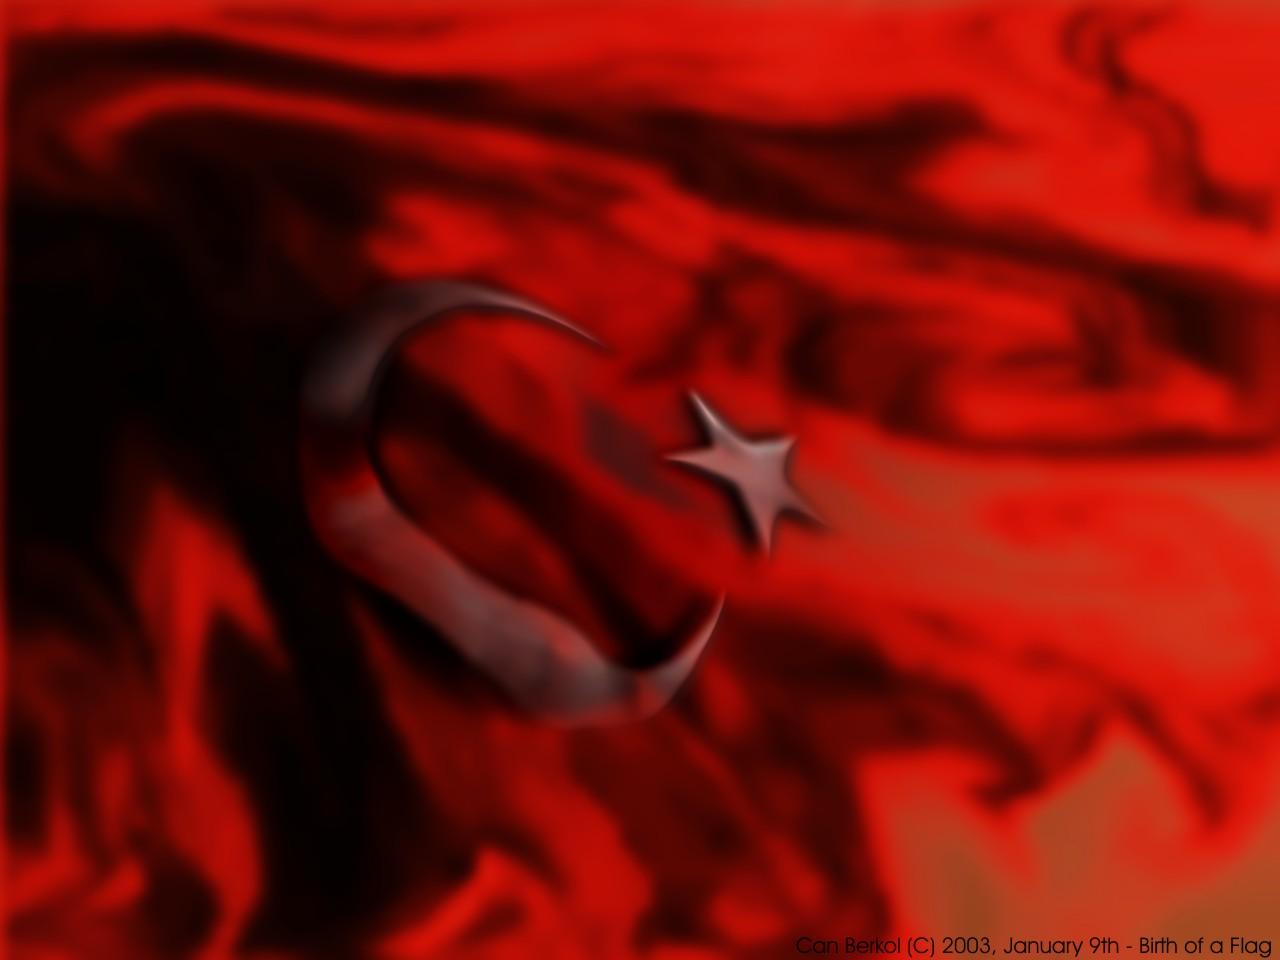 https://1.bp.blogspot.com/-_ZZQEuKdYss/Tdw966UW2iI/AAAAAAAACMc/nJK1sLkideg/s1600/flag_bayrak_3.jpg